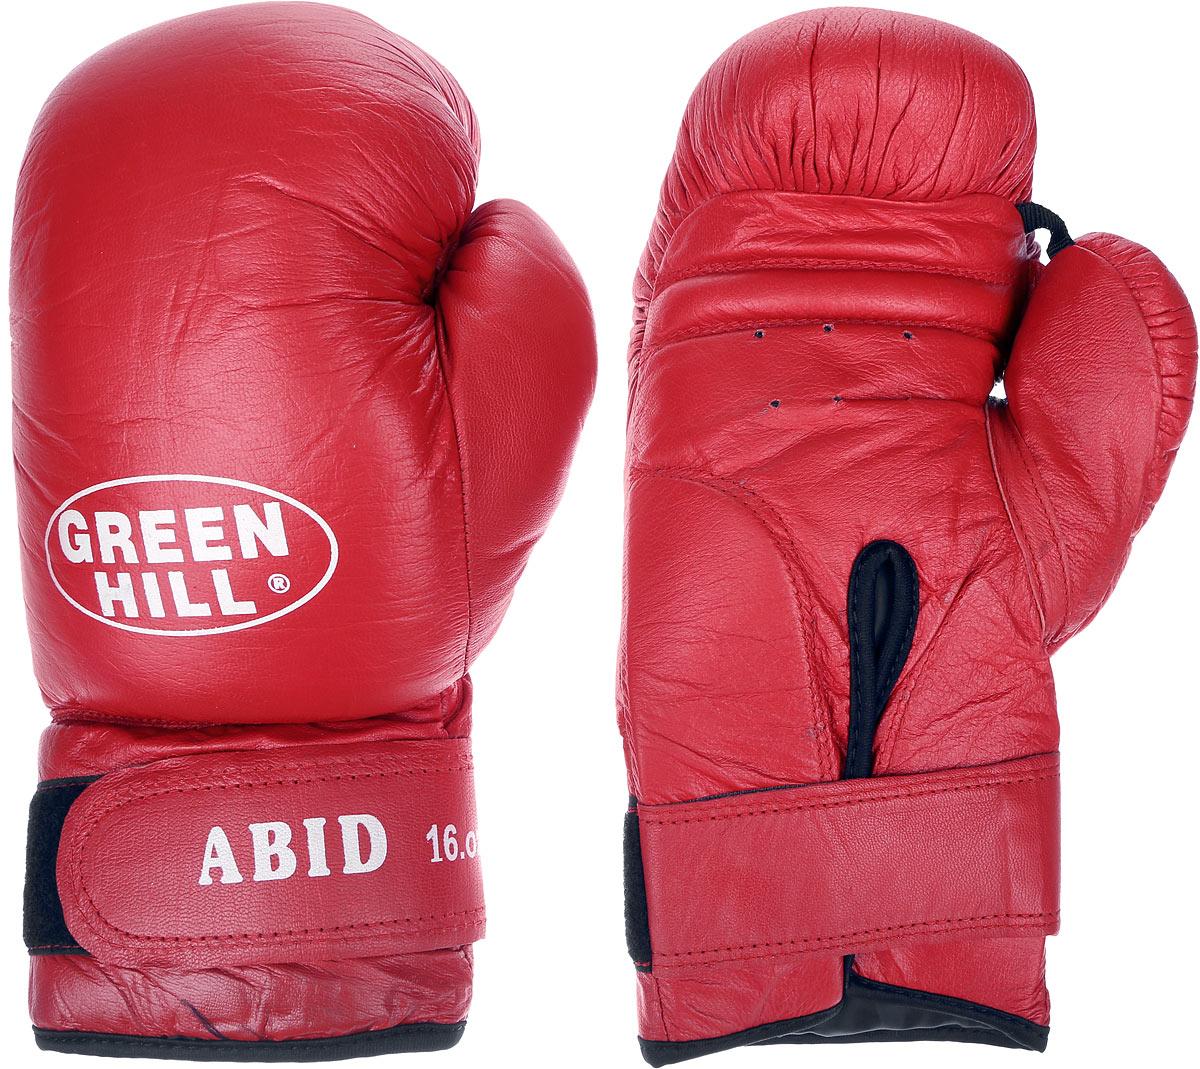 Перчатки боксерские Green Hill Abid, цвет: красный, белый. Вес 16 унцийAIRWHEEL Q3-340WH-BLACKБоксерские тренировочные перчатки Green Hill Abid выполнены из натуральной кожи. Они отлично подойдут для начинающих спортсменов. Мягкий наполнитель из очеса предотвращает любые травмы. Отверстия в районе ладони обеспечивают вентиляцию. Широкий ремень, охватывая запястье, полностью оборачивается вокруг манжеты, благодаря чему создается дополнительная защита лучезапястного сустава от травмирования. Застежка на липучке способствует быстрому и удобному одеванию перчаток, плотно фиксирует перчатки на руке.